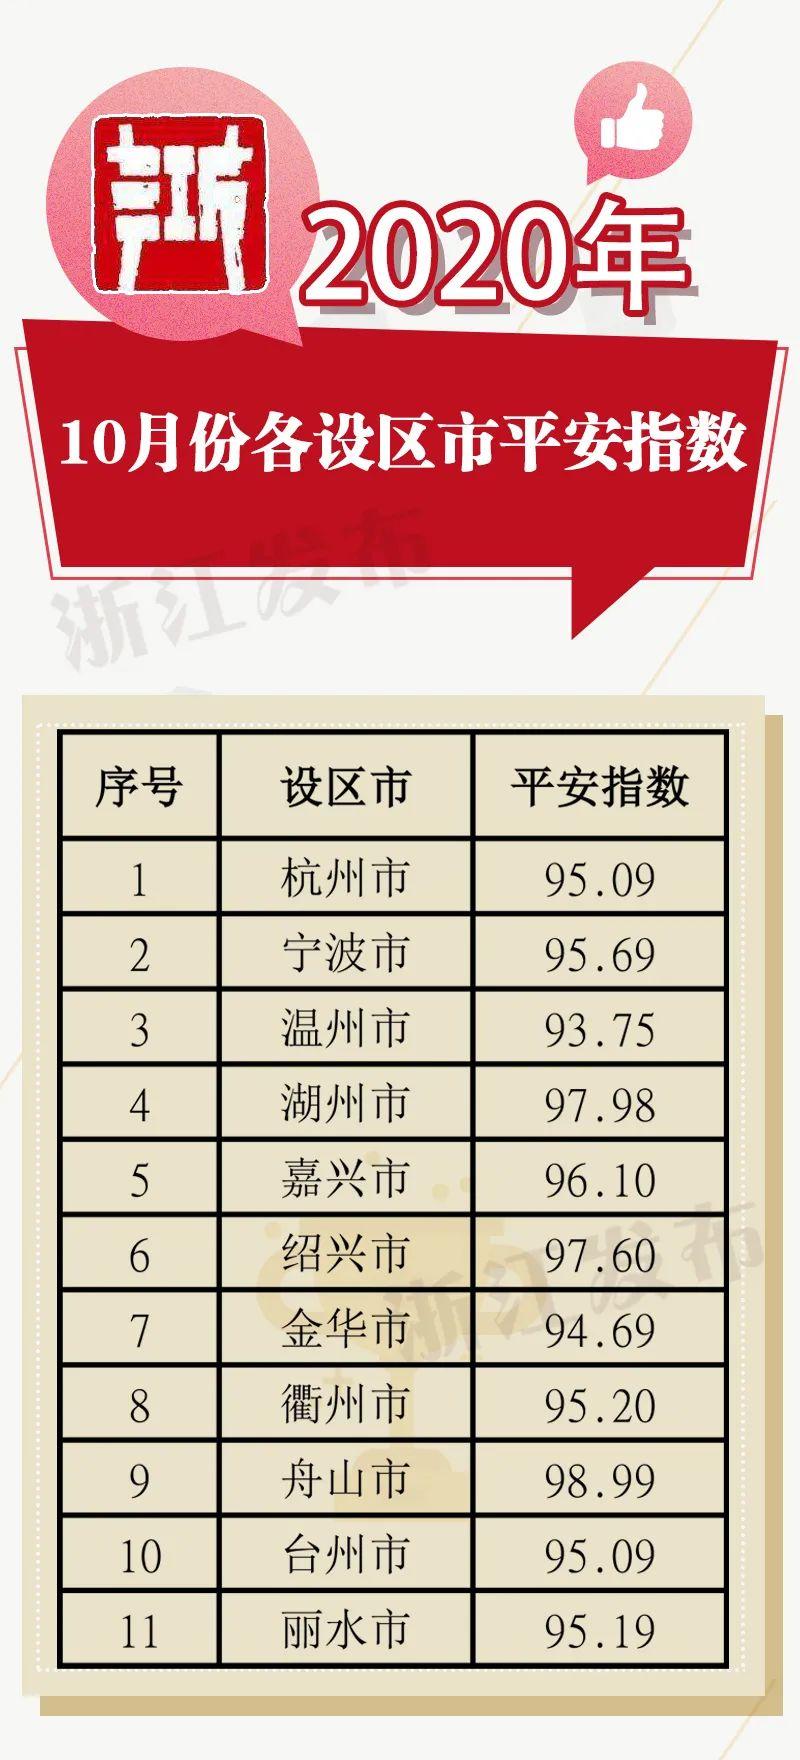 10月份浙江各地平安指数出炉,你家乡成绩怎么样?图片